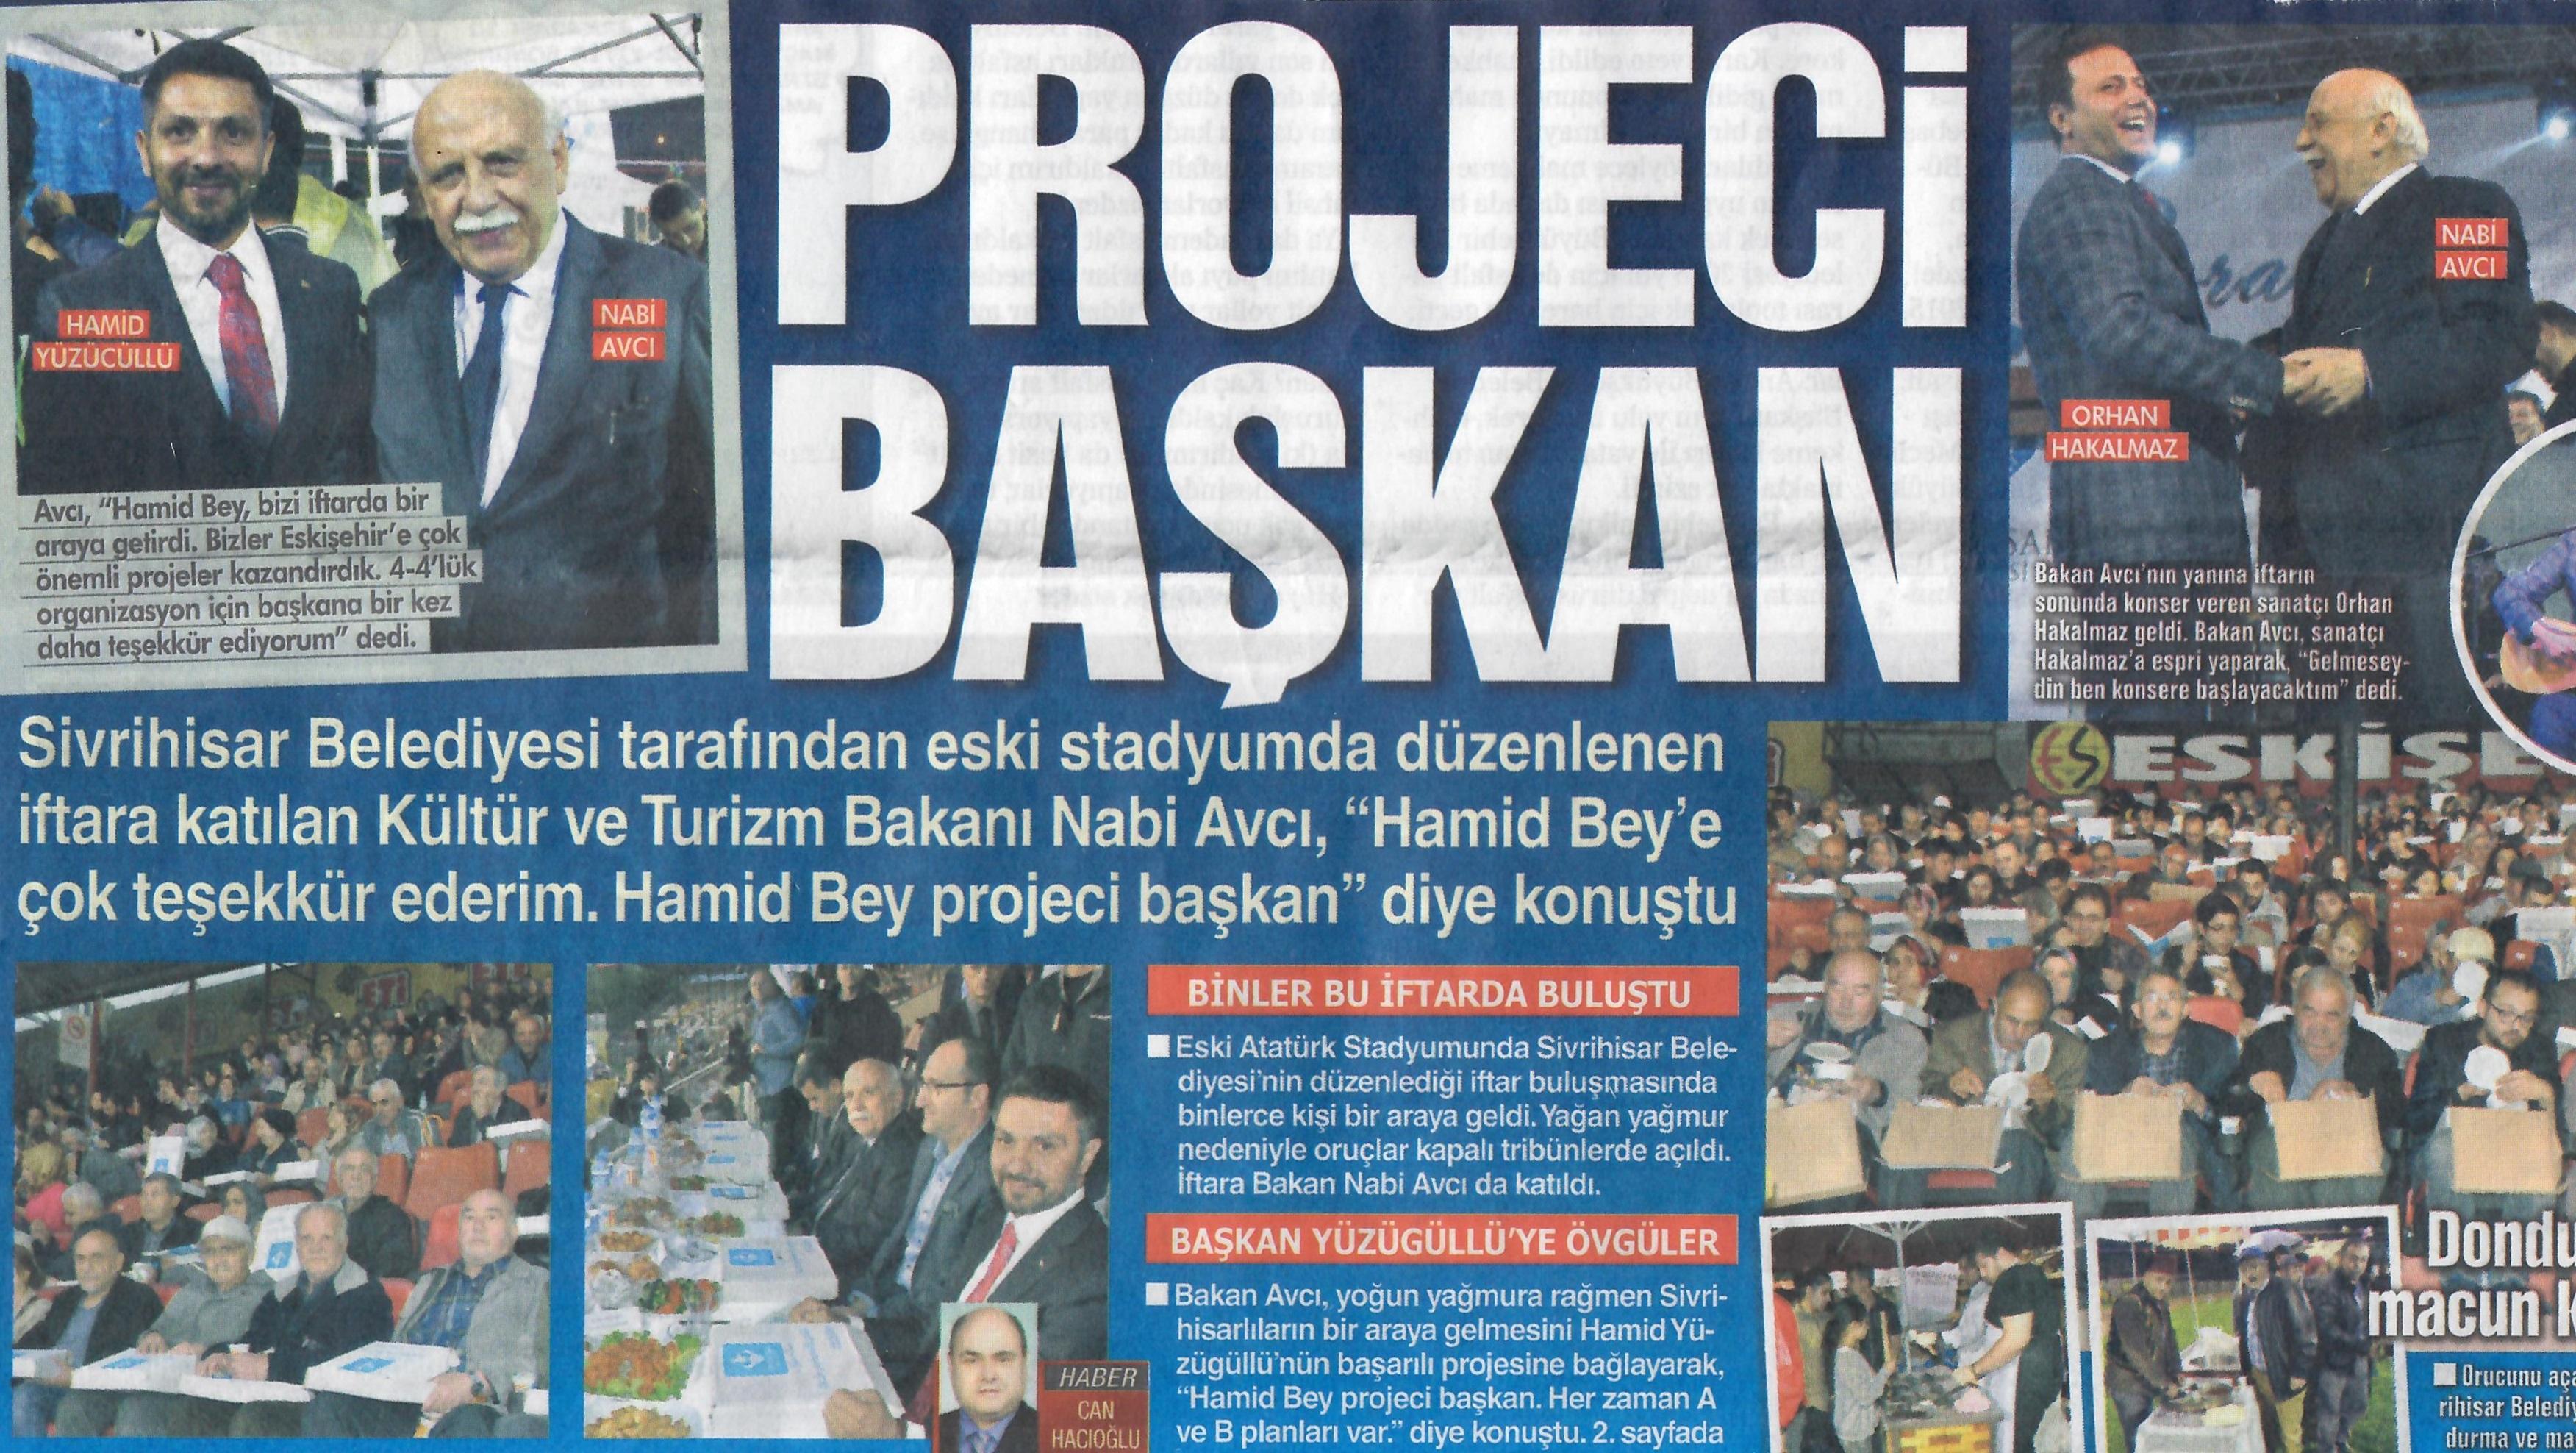 Projeci Başkan